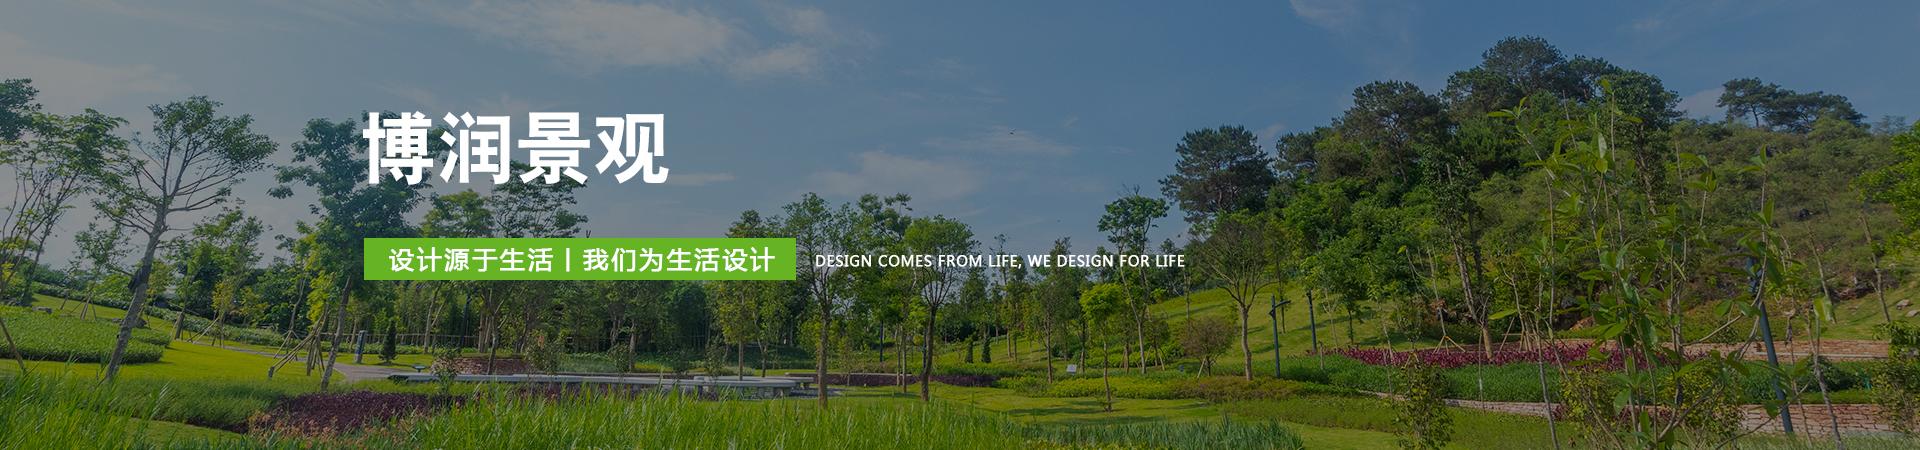 哈尔滨景观园林